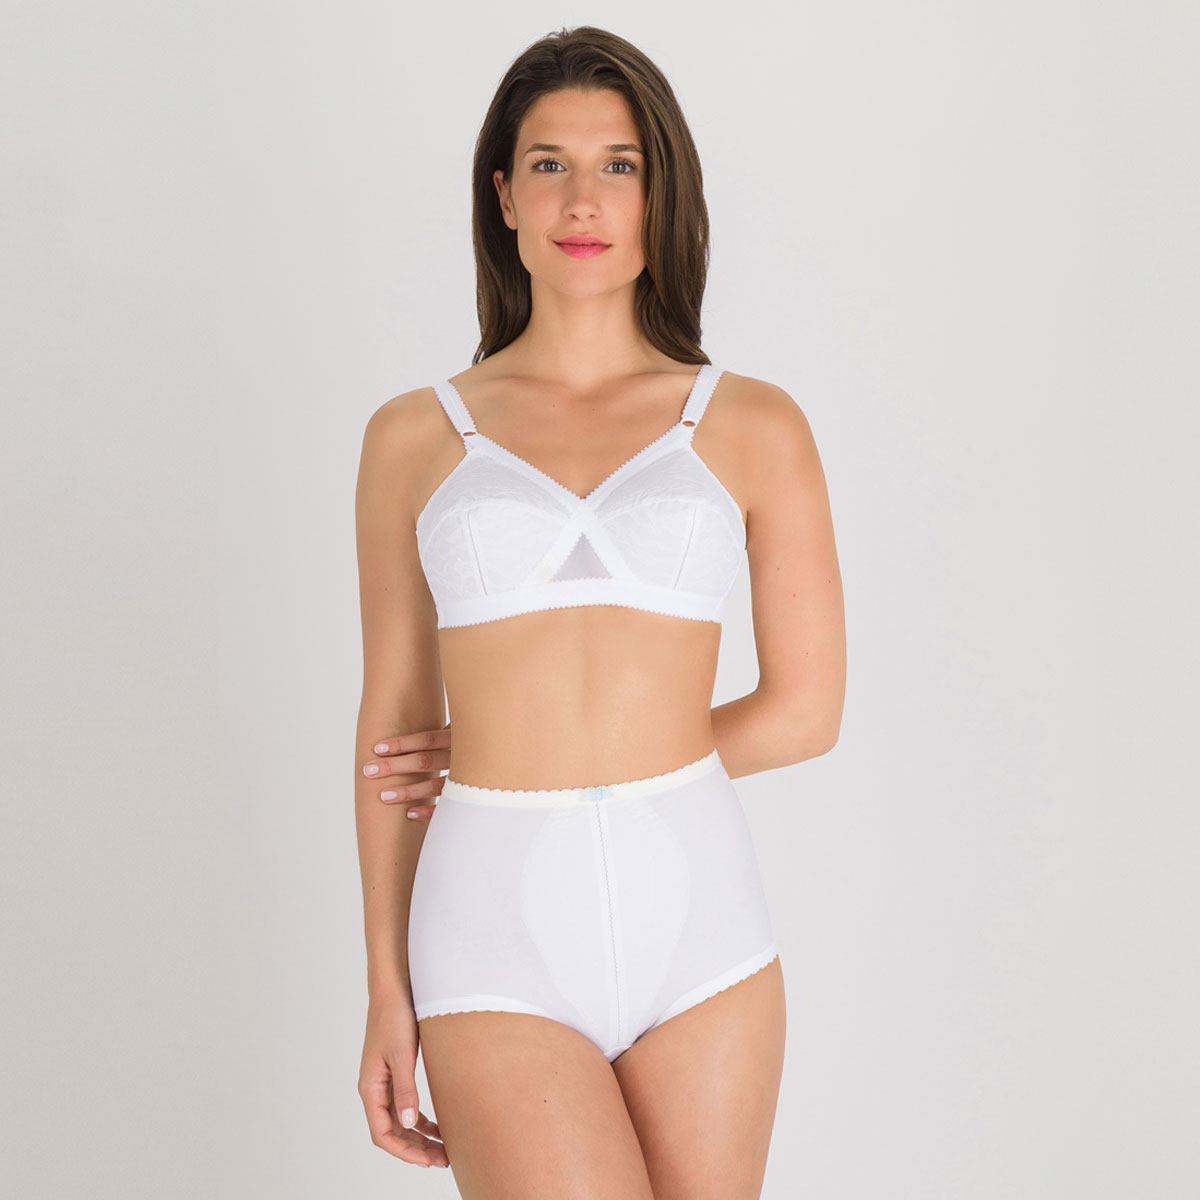 Soutien-gorge sans armatures blanc  – Cœur Croisé 556-PLAYTEX